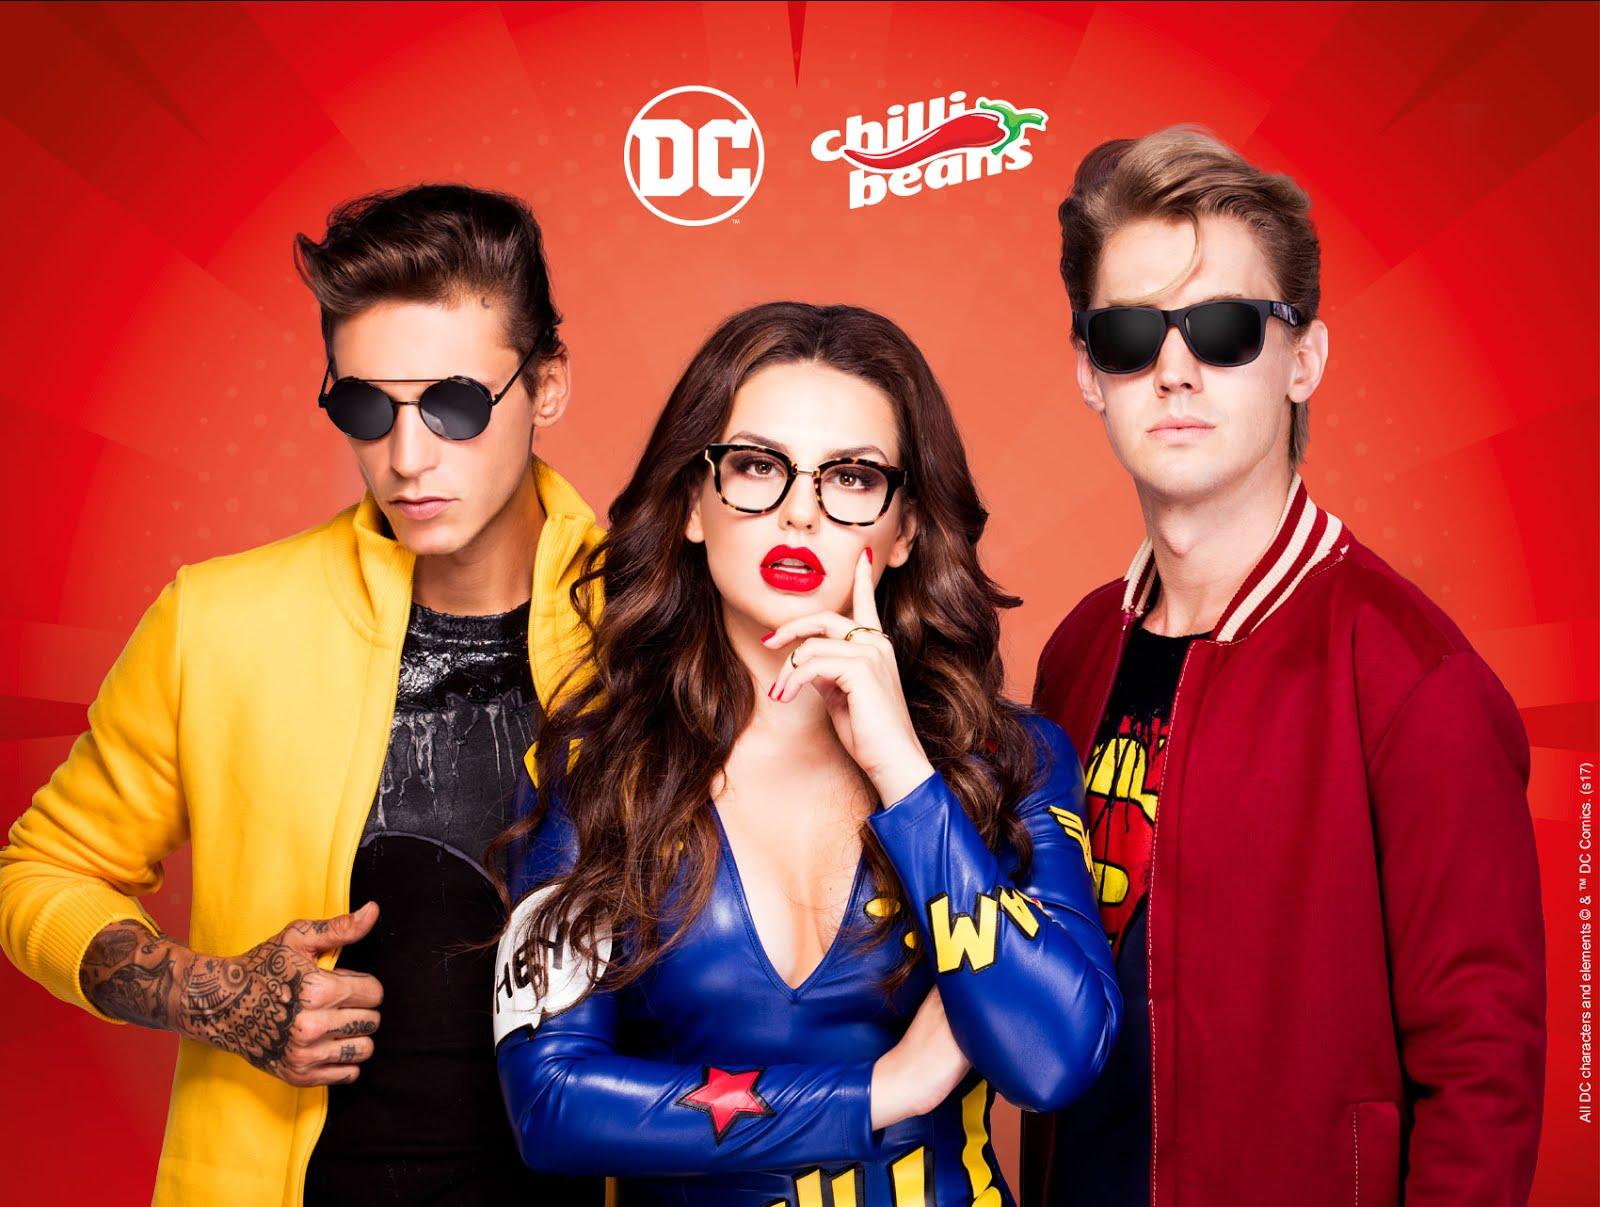 CURITIBA, 09 05 2017 – A Chilli Beans, uma das principais marcas de óculos  escuros da América Latina, chegará ao Shopping Crystal na primeira semana  do mês ... bdc42755ed